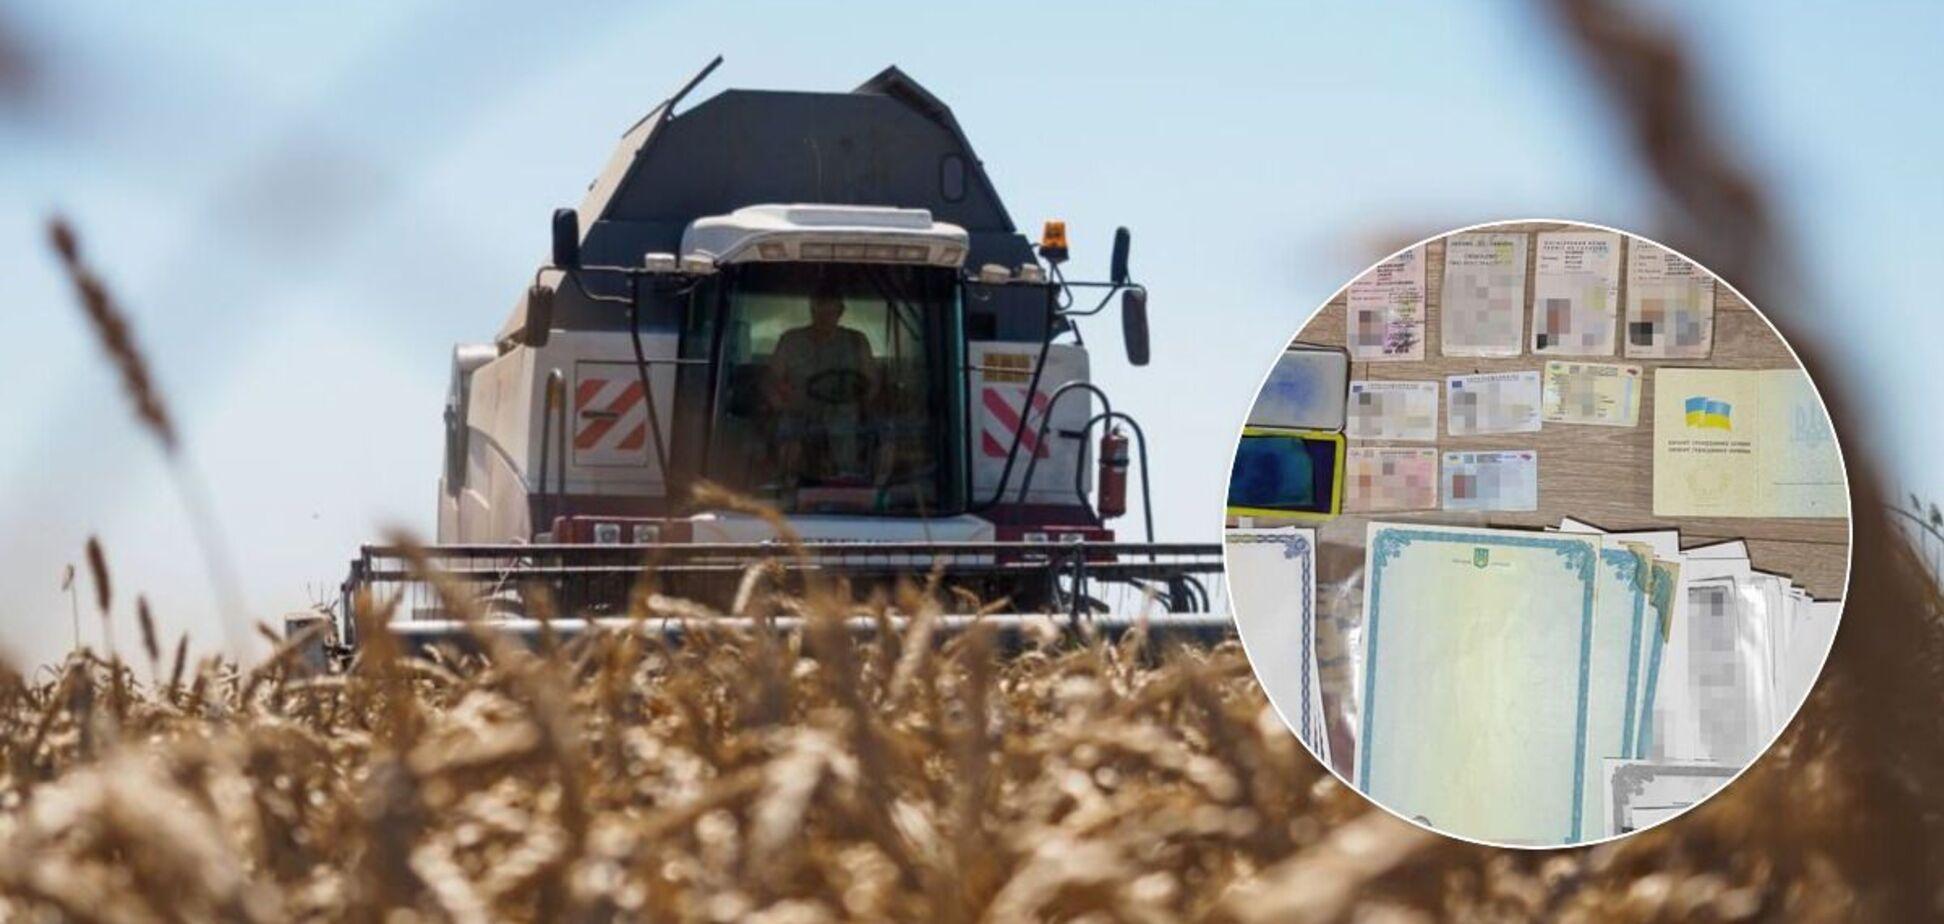 СБУ викрила рейдерів, які планували заволодіти чужим майном на 200 млн гривень. Фото та відео